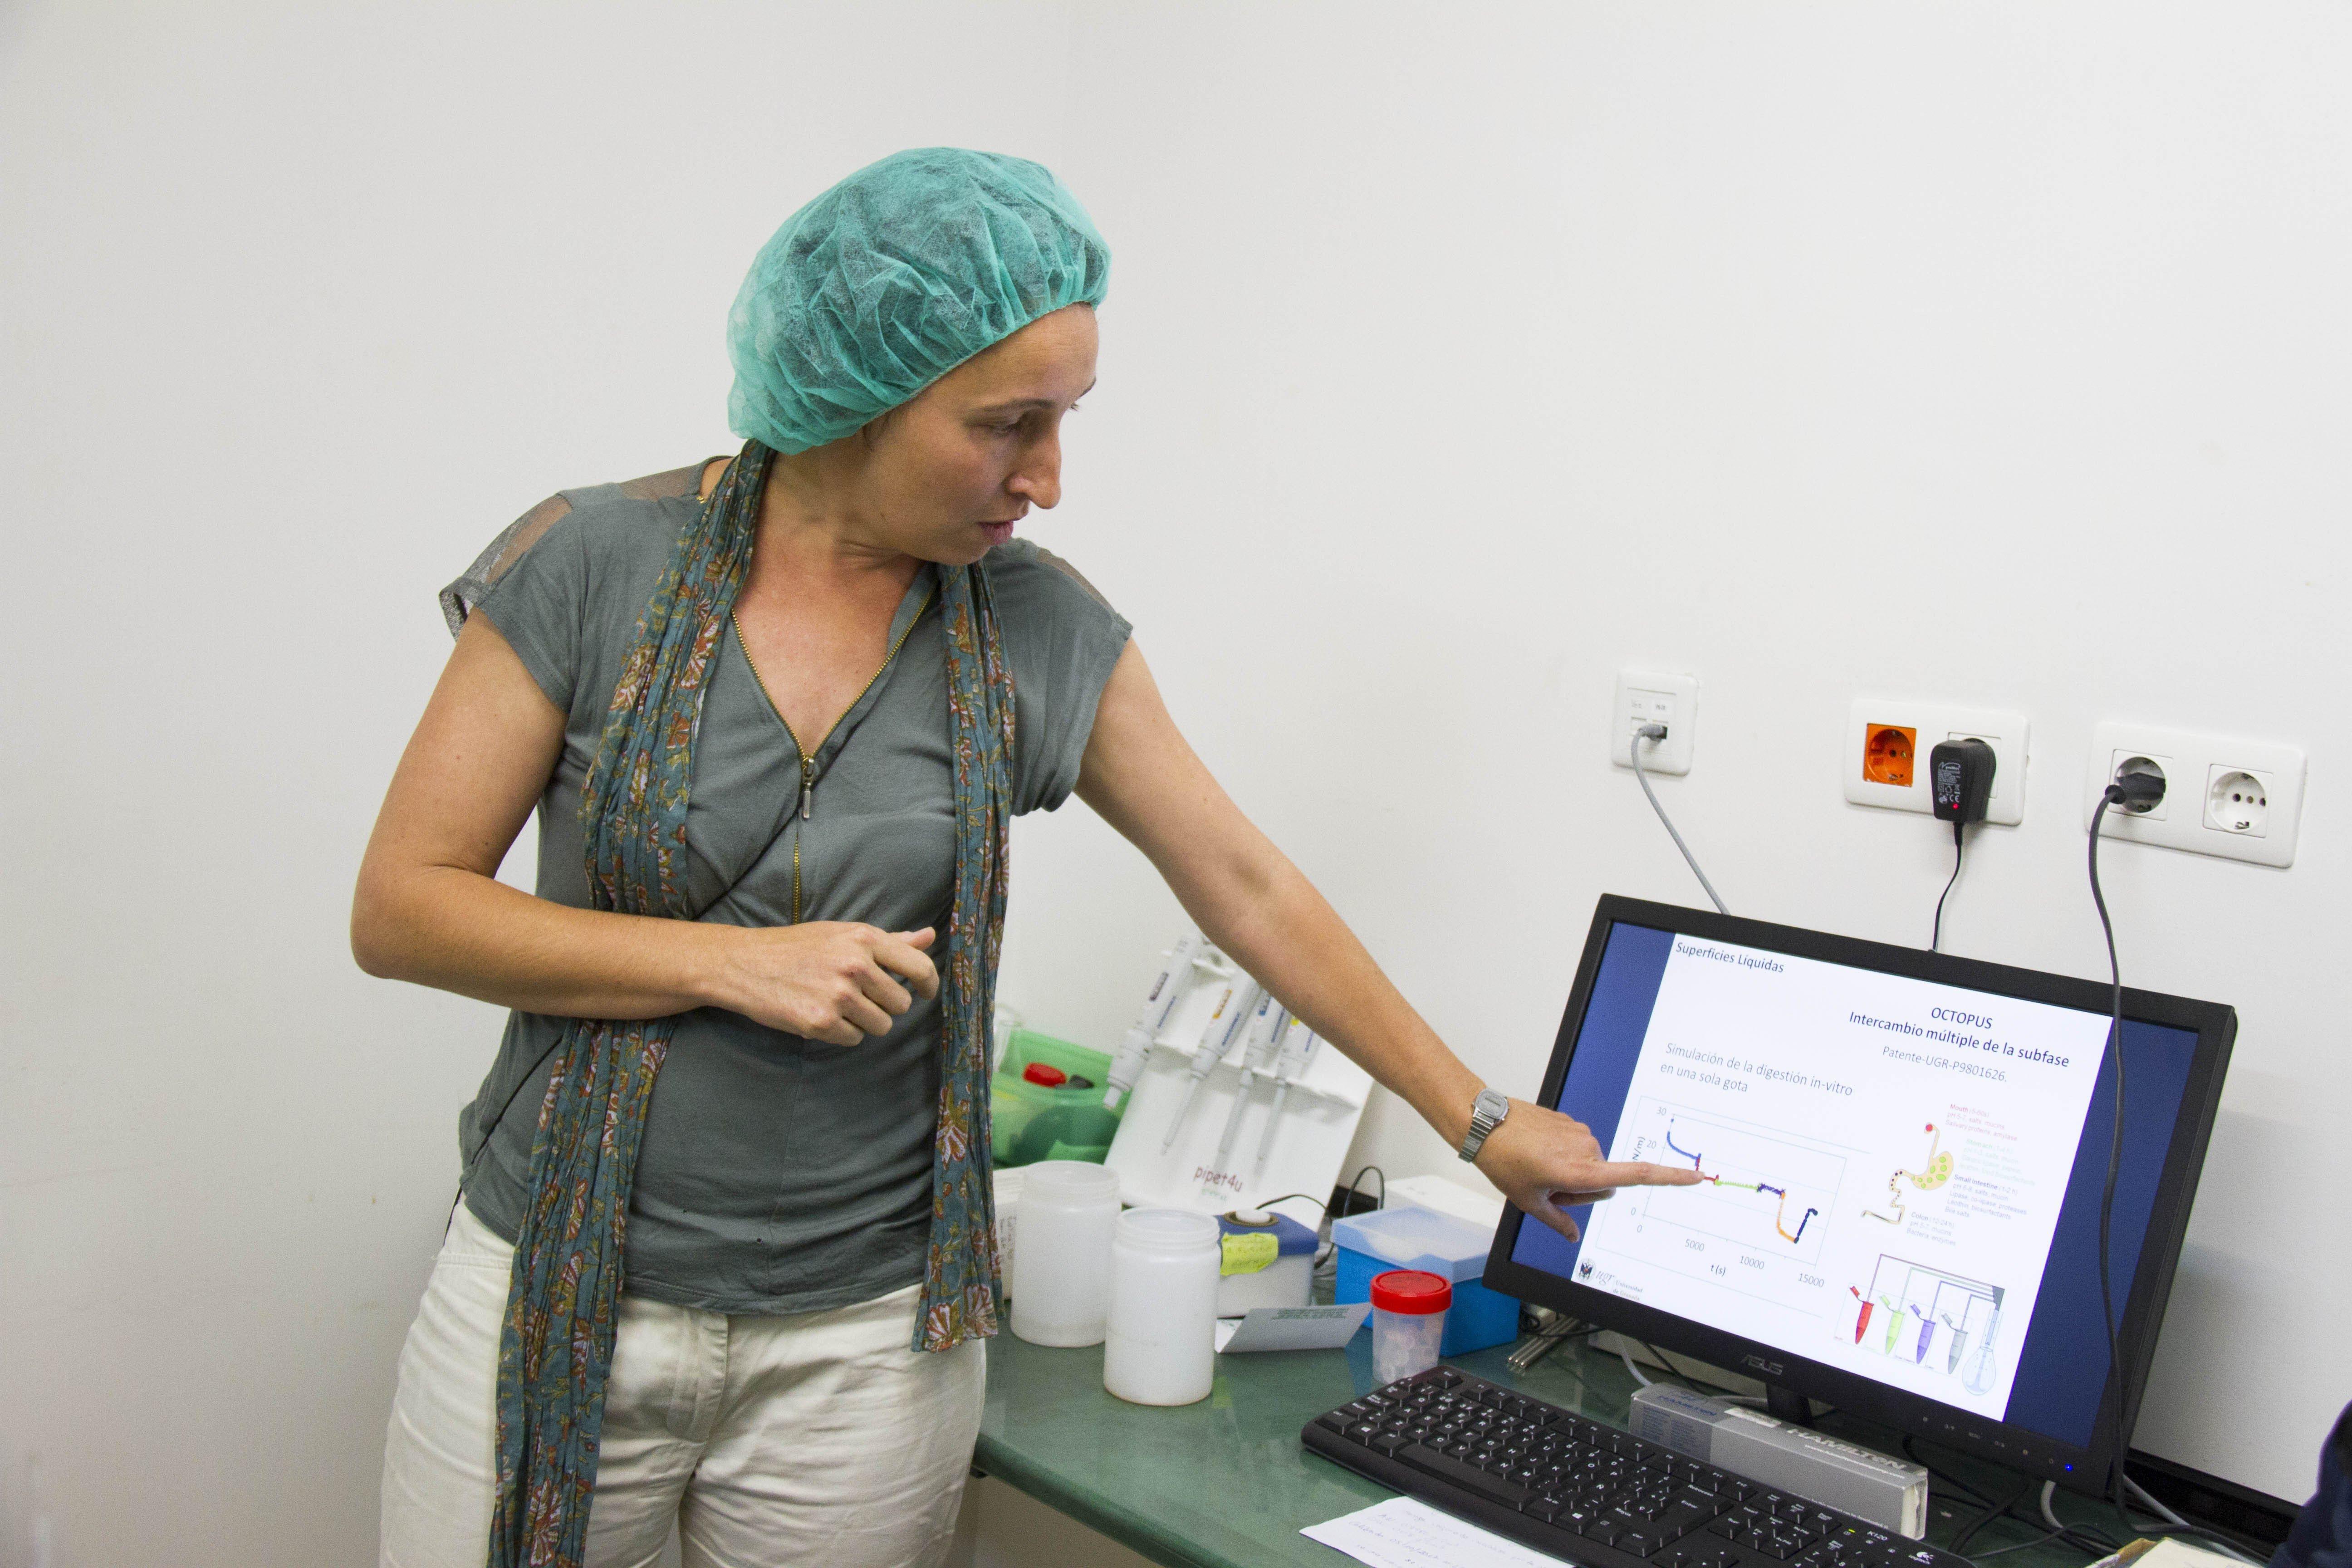 Un programa visibiliza a jóvenes científicas andaluzas por el Día de la Mujer y la Niña en la Ciencia